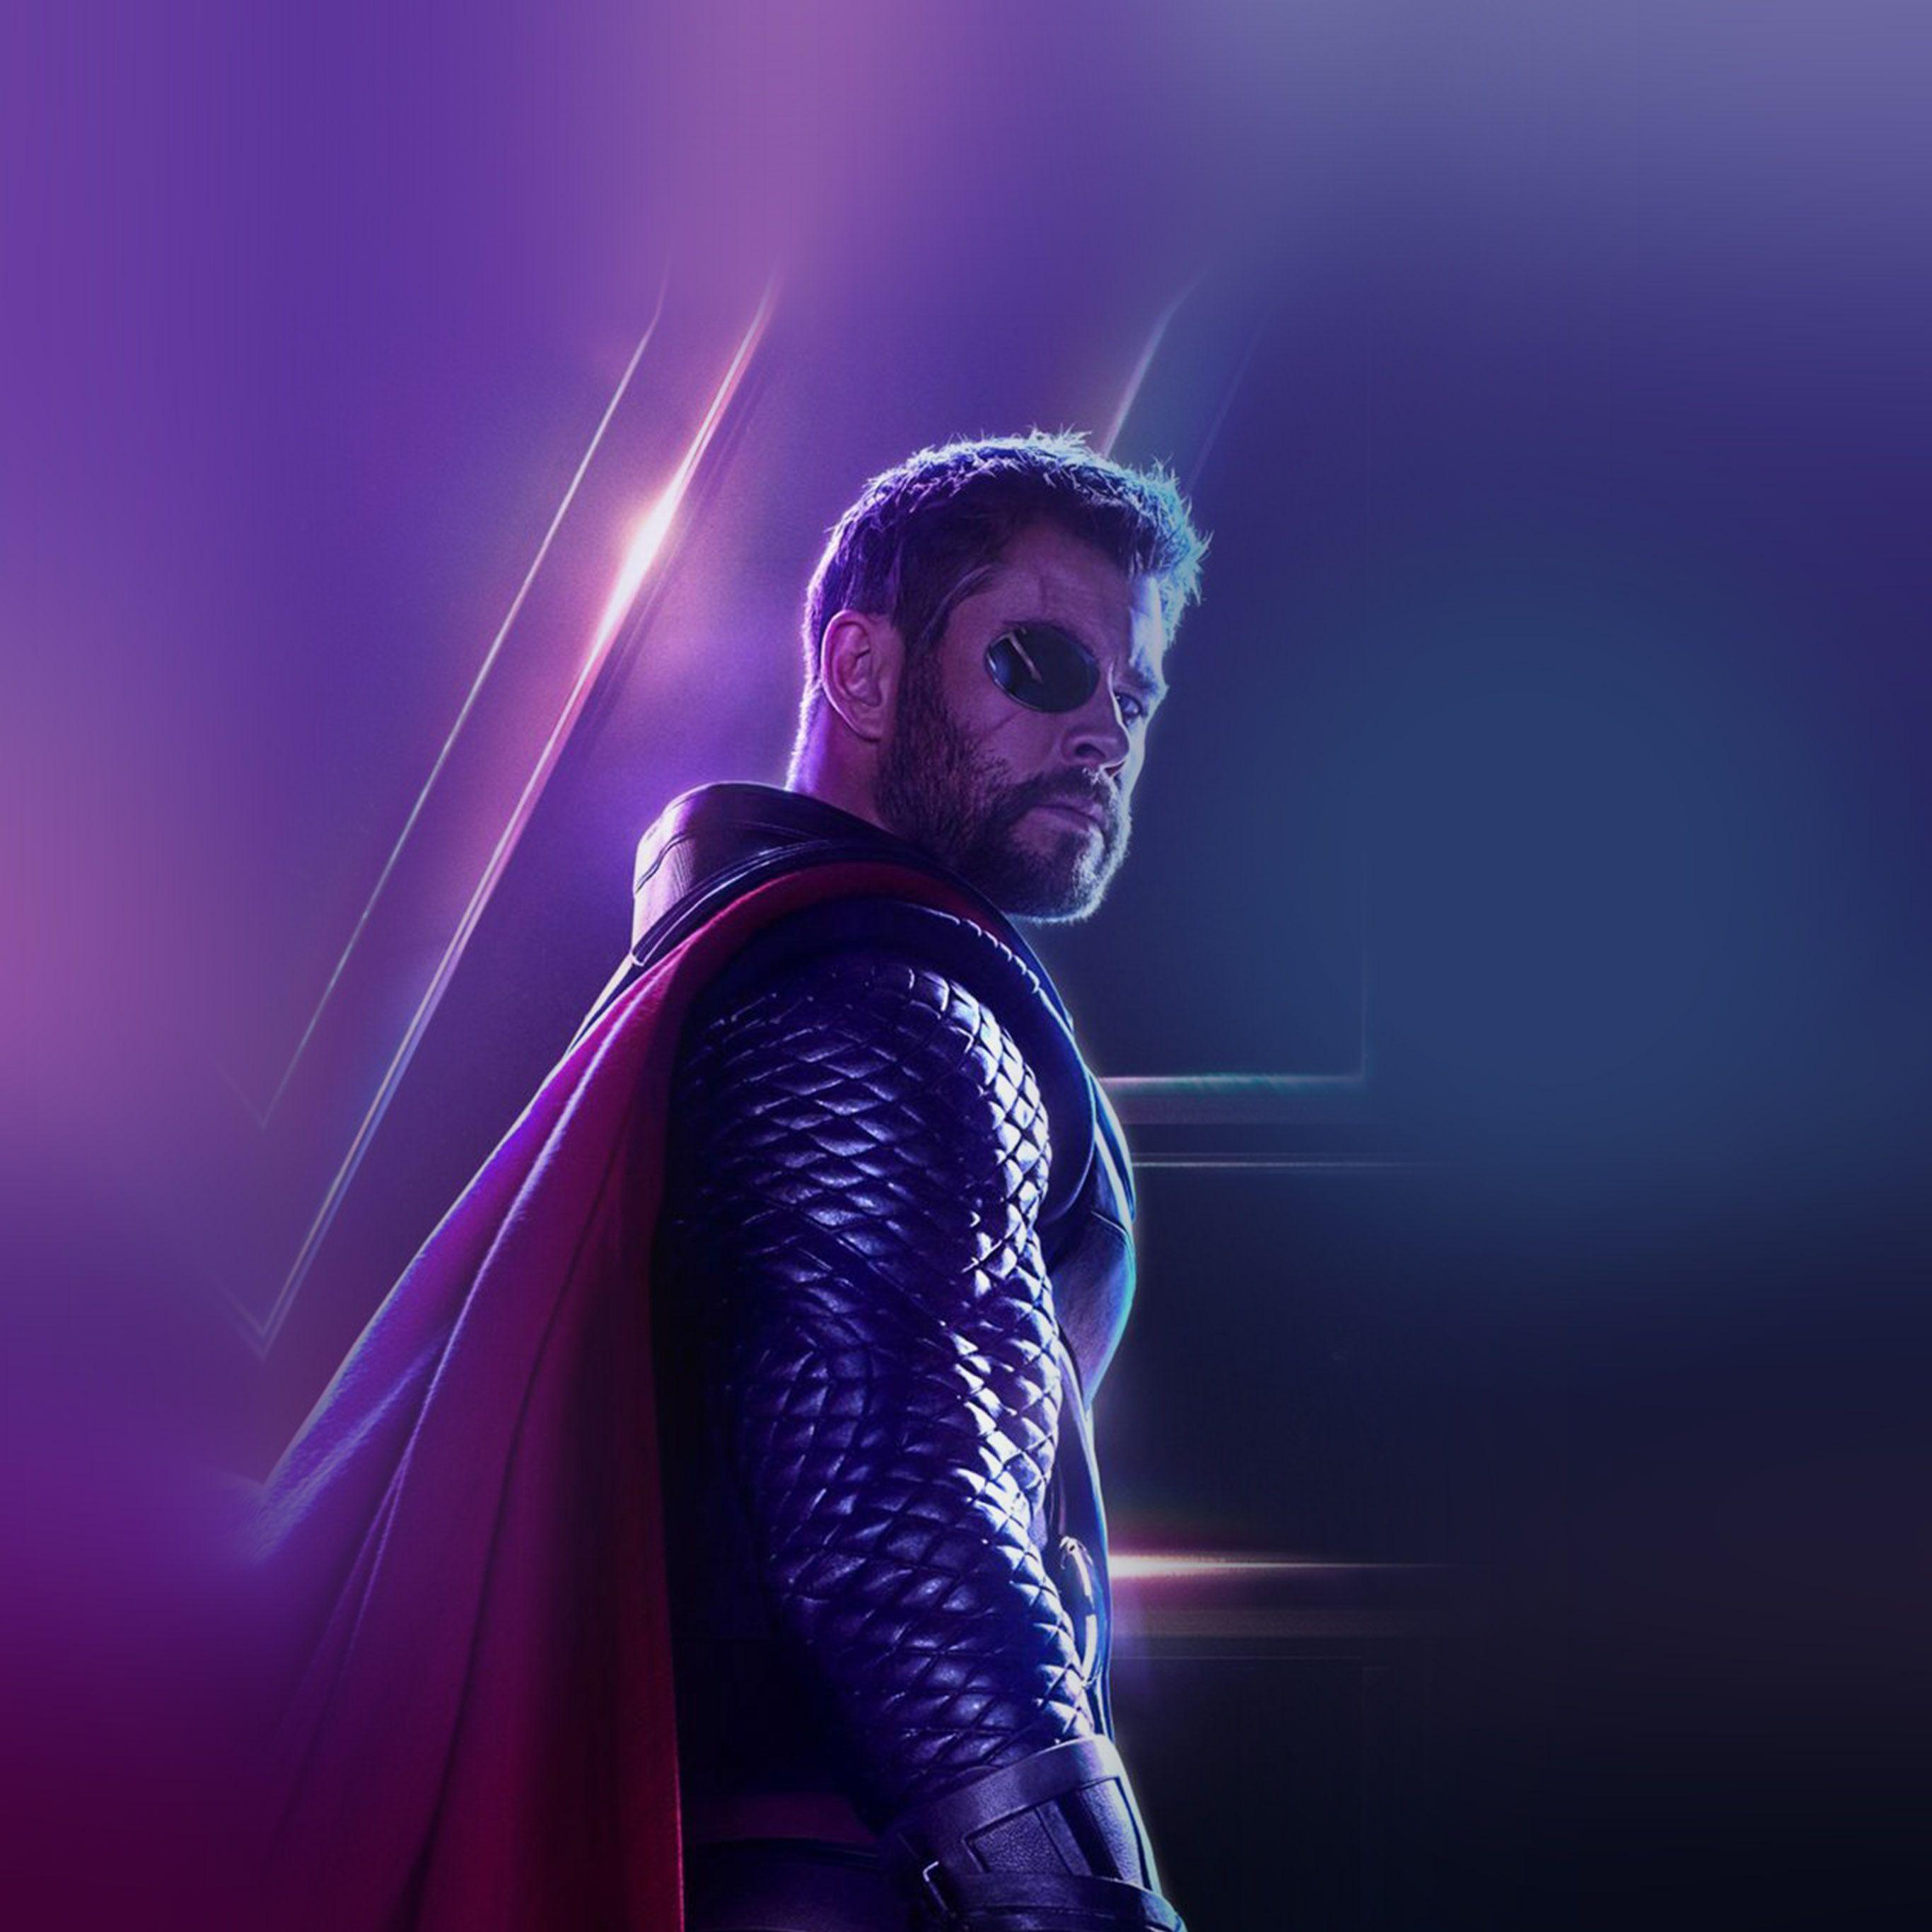 be94-thor-chris-avengers-hero-infinitywar-film-art-